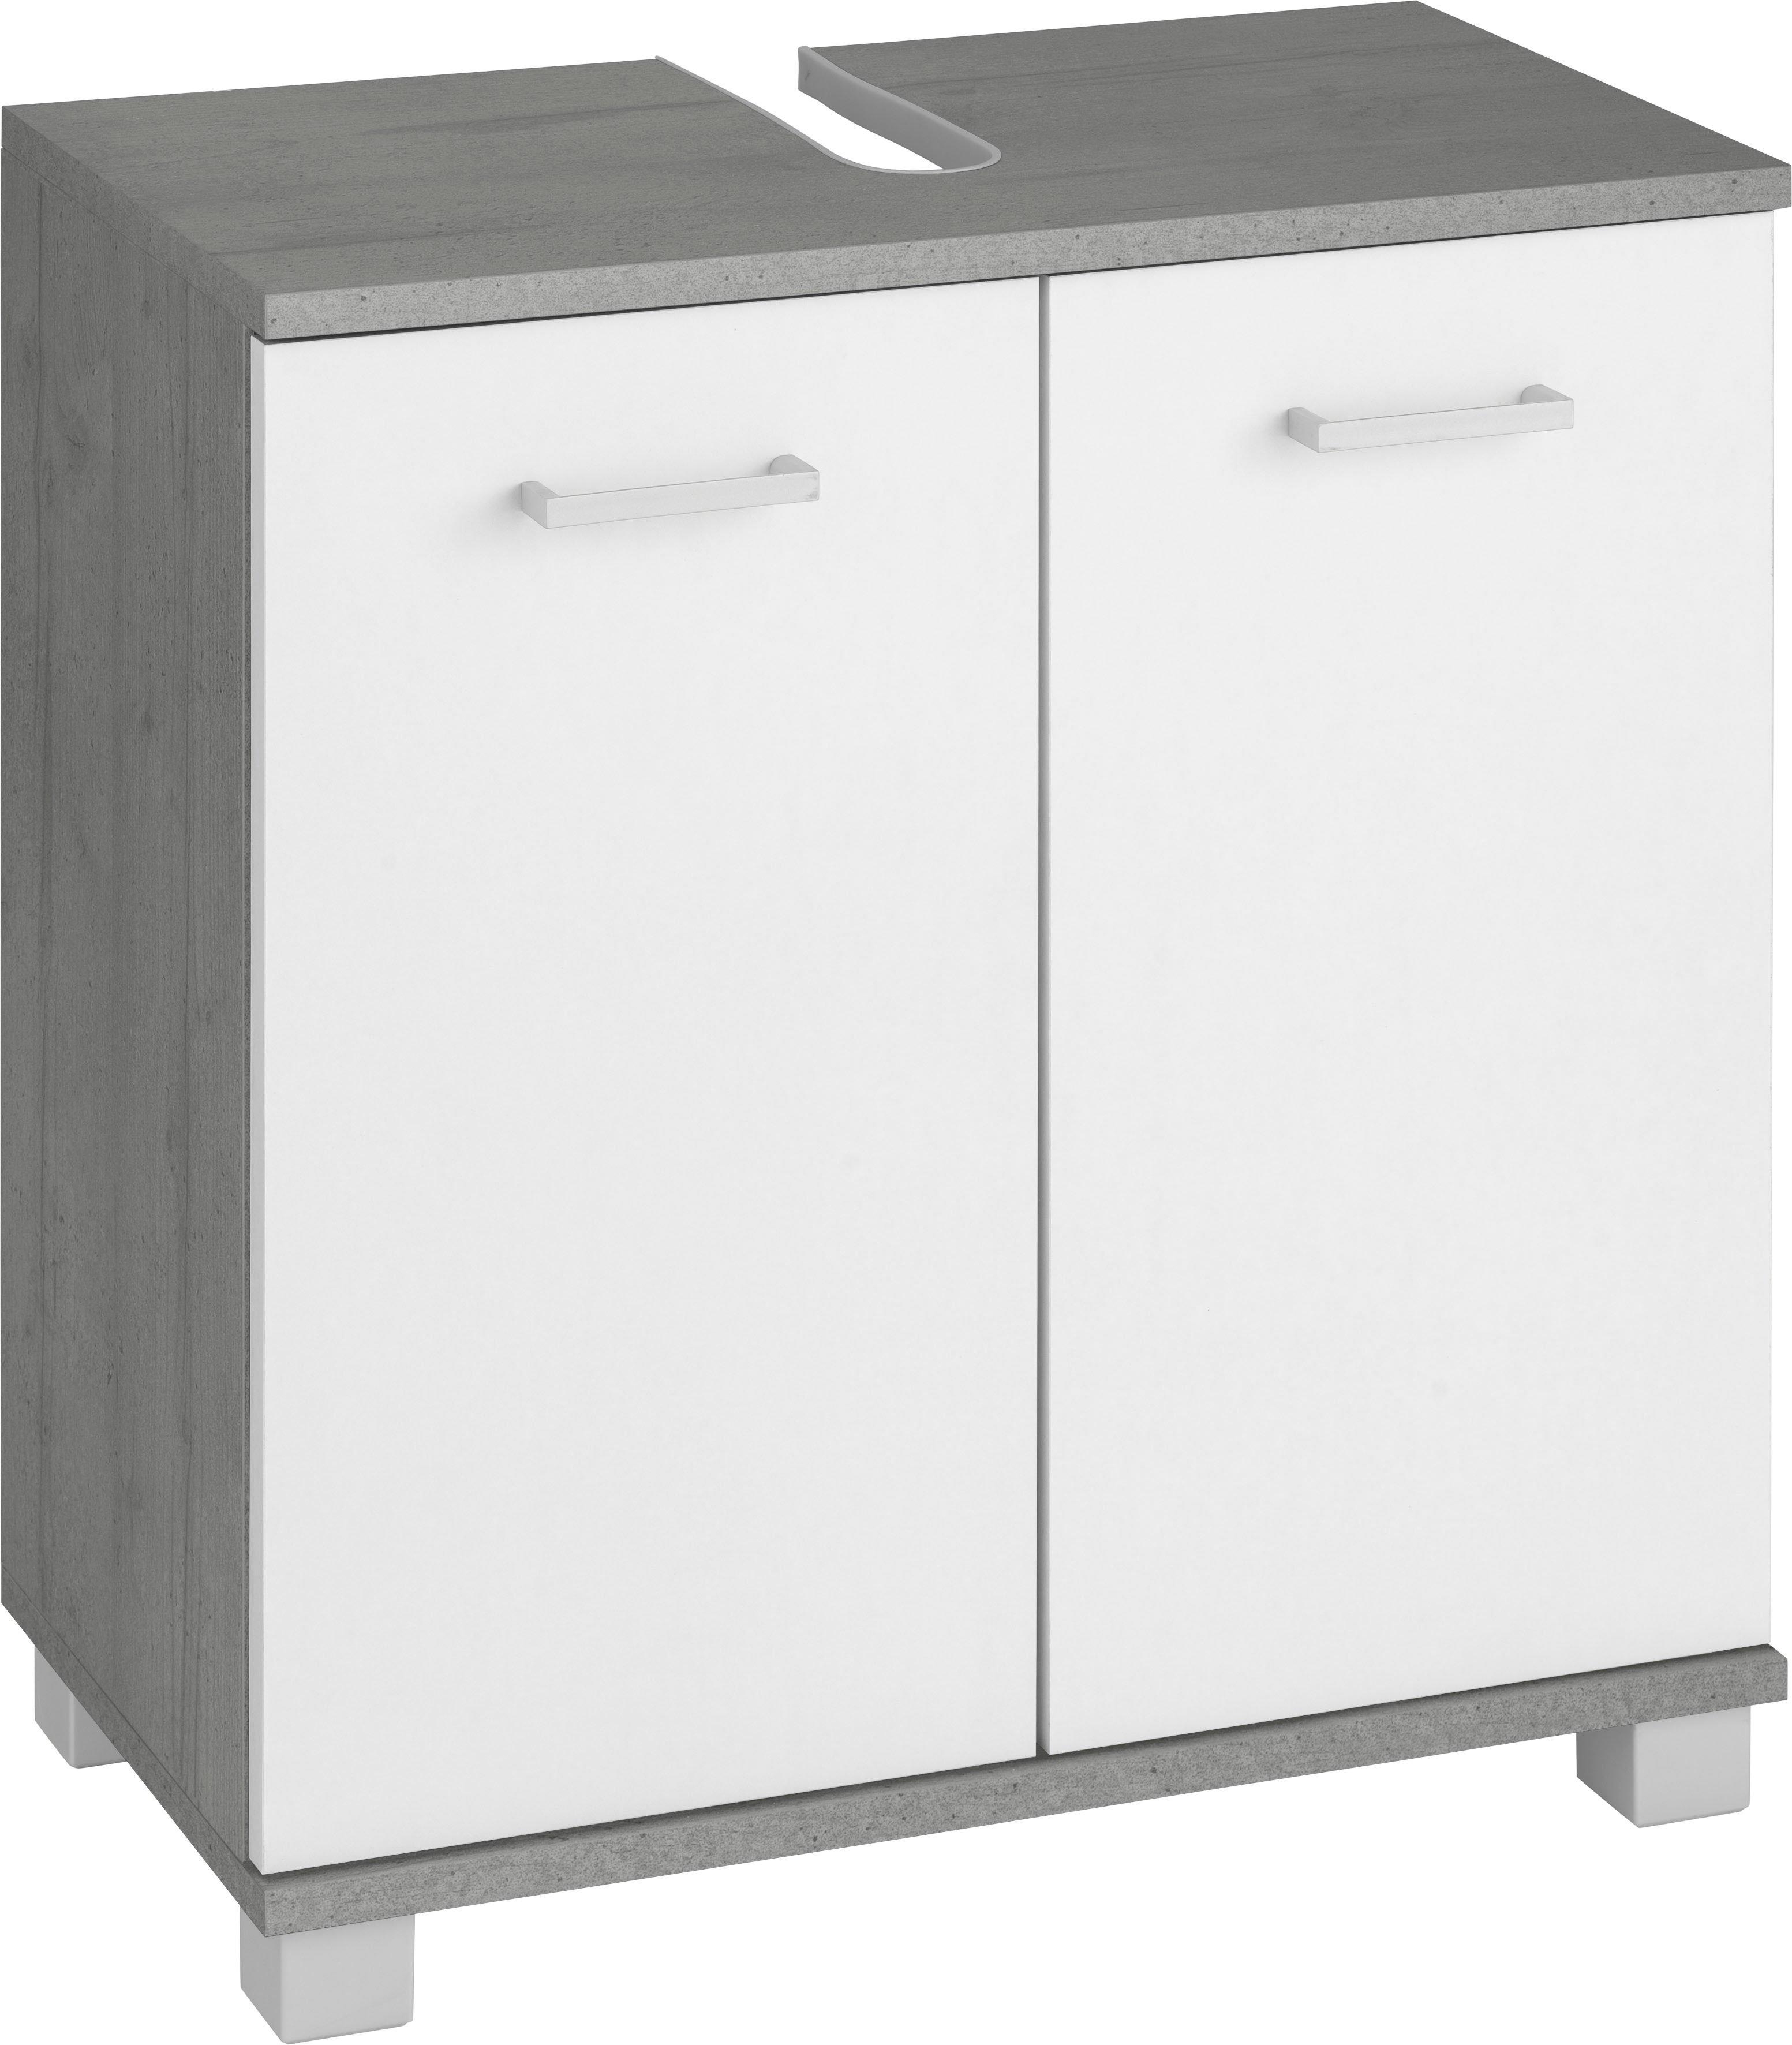 Schildmeyer wastafelonderkast Mobes Breedte x hoogte: 59,8x62,4 cm, badkamerkast met dubbele deur, algemene tussenbodem, uitsparing voor afvoerleiding - gratis ruilen op otto.nl